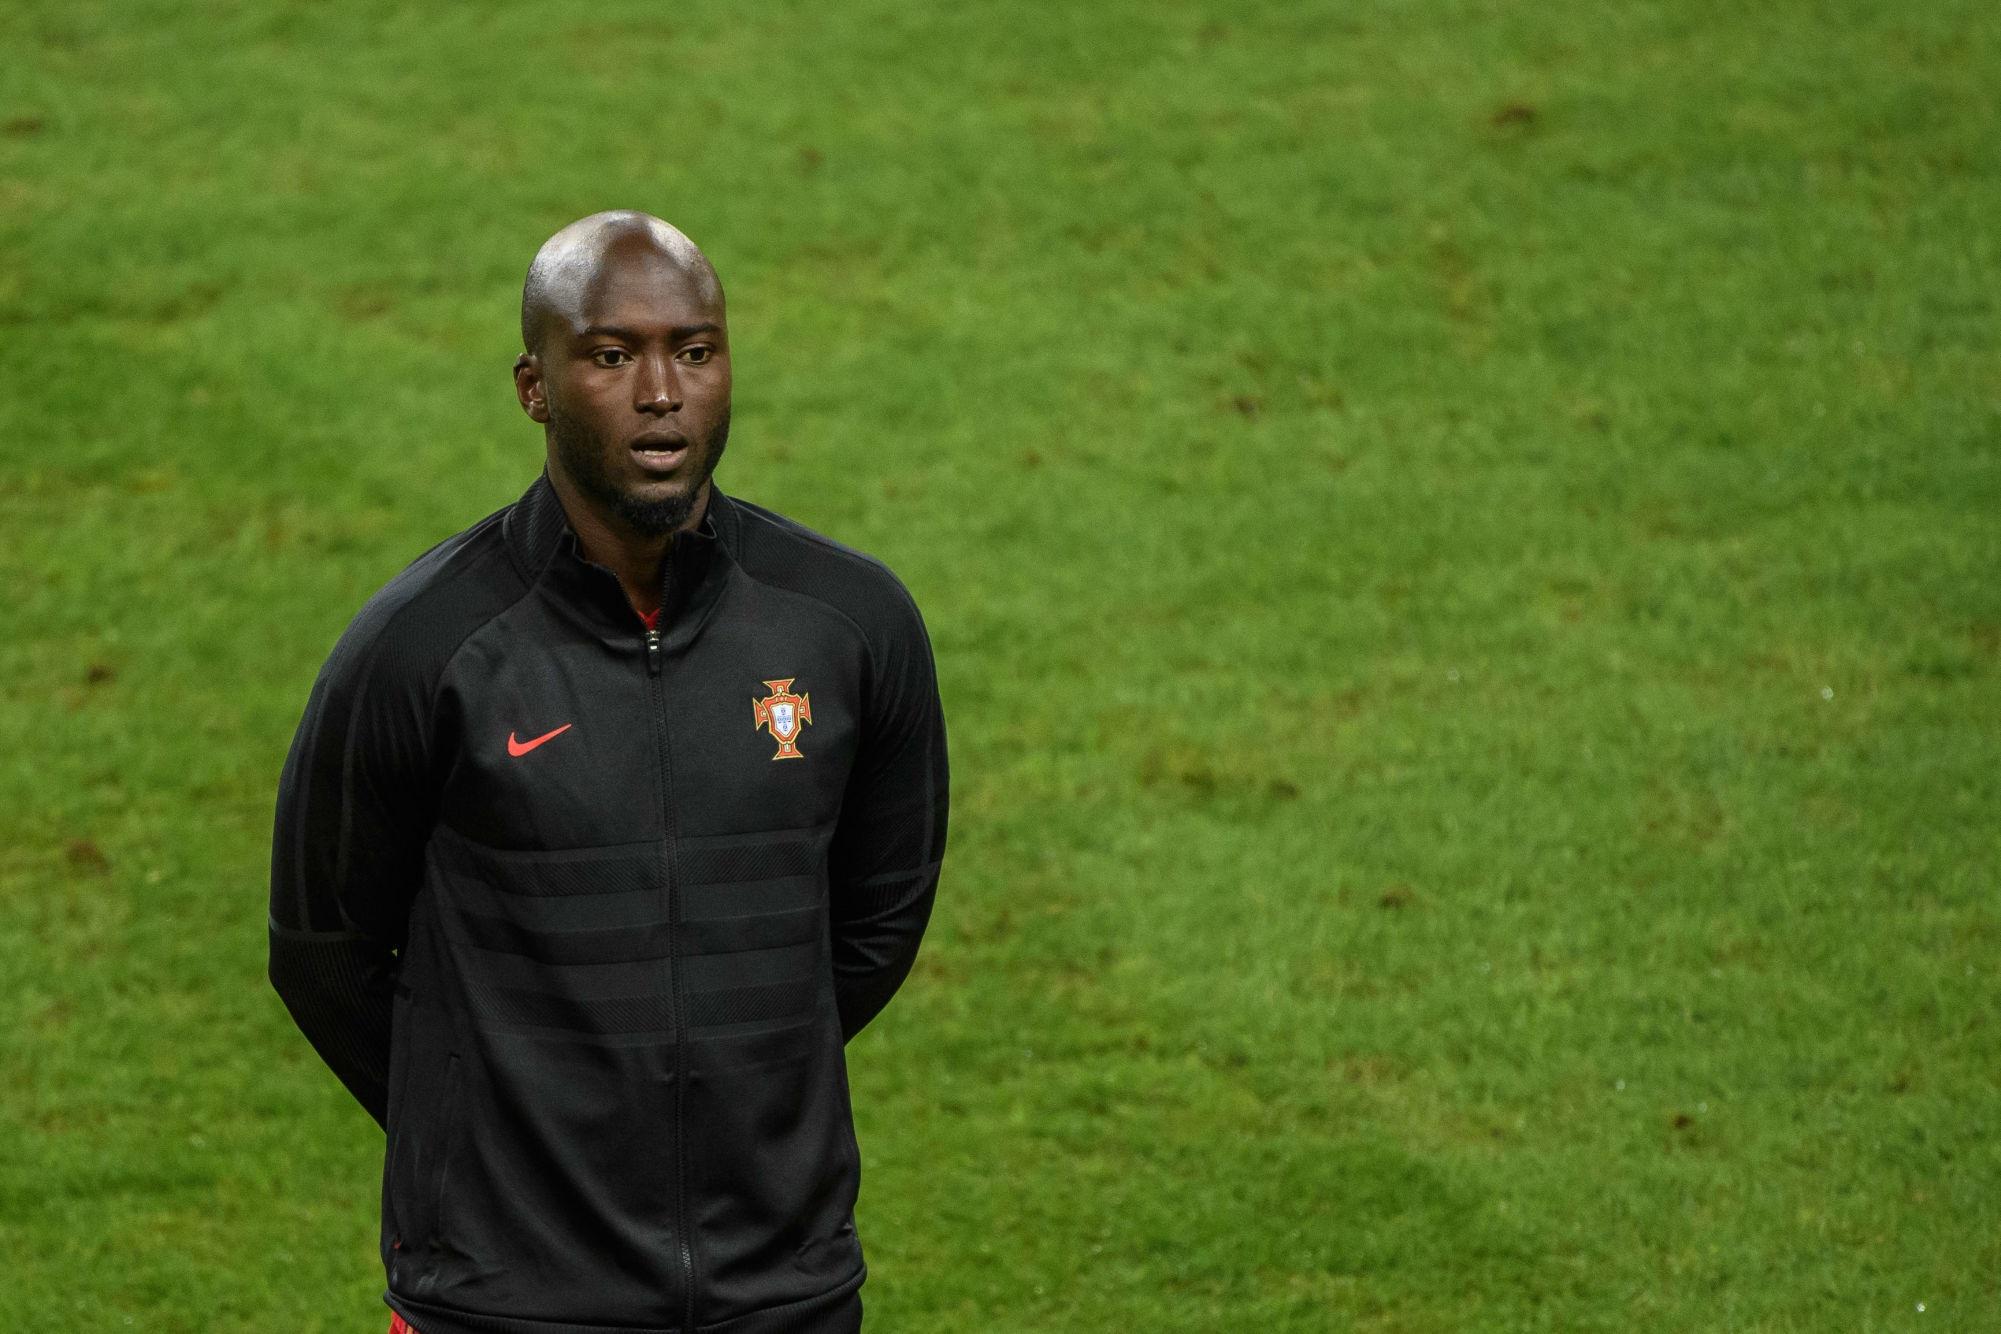 L'agent de Danilo Pereira évoque Tuchel et l'ambition de son joueur